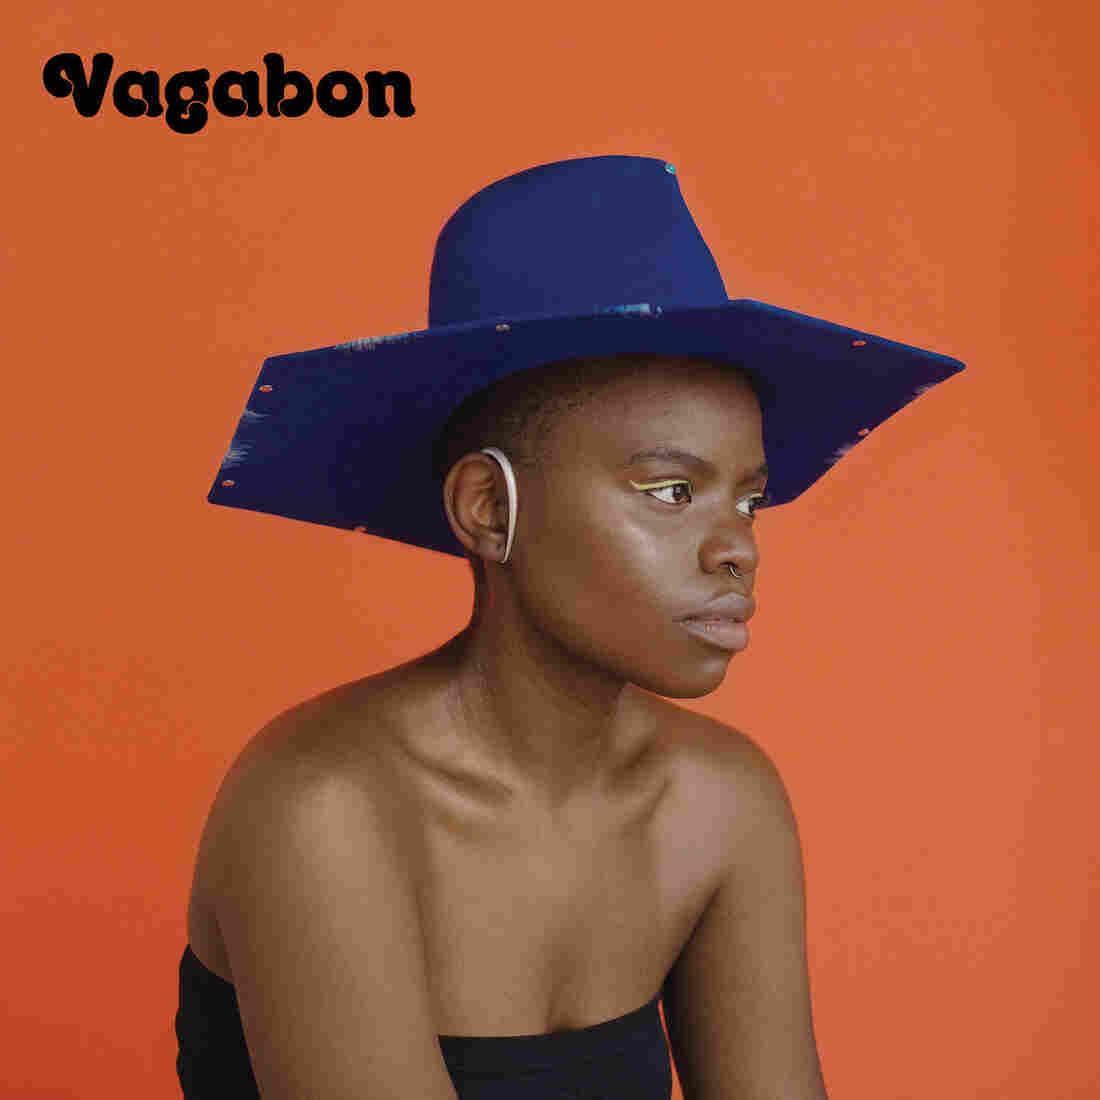 Vagabon, Vagabon